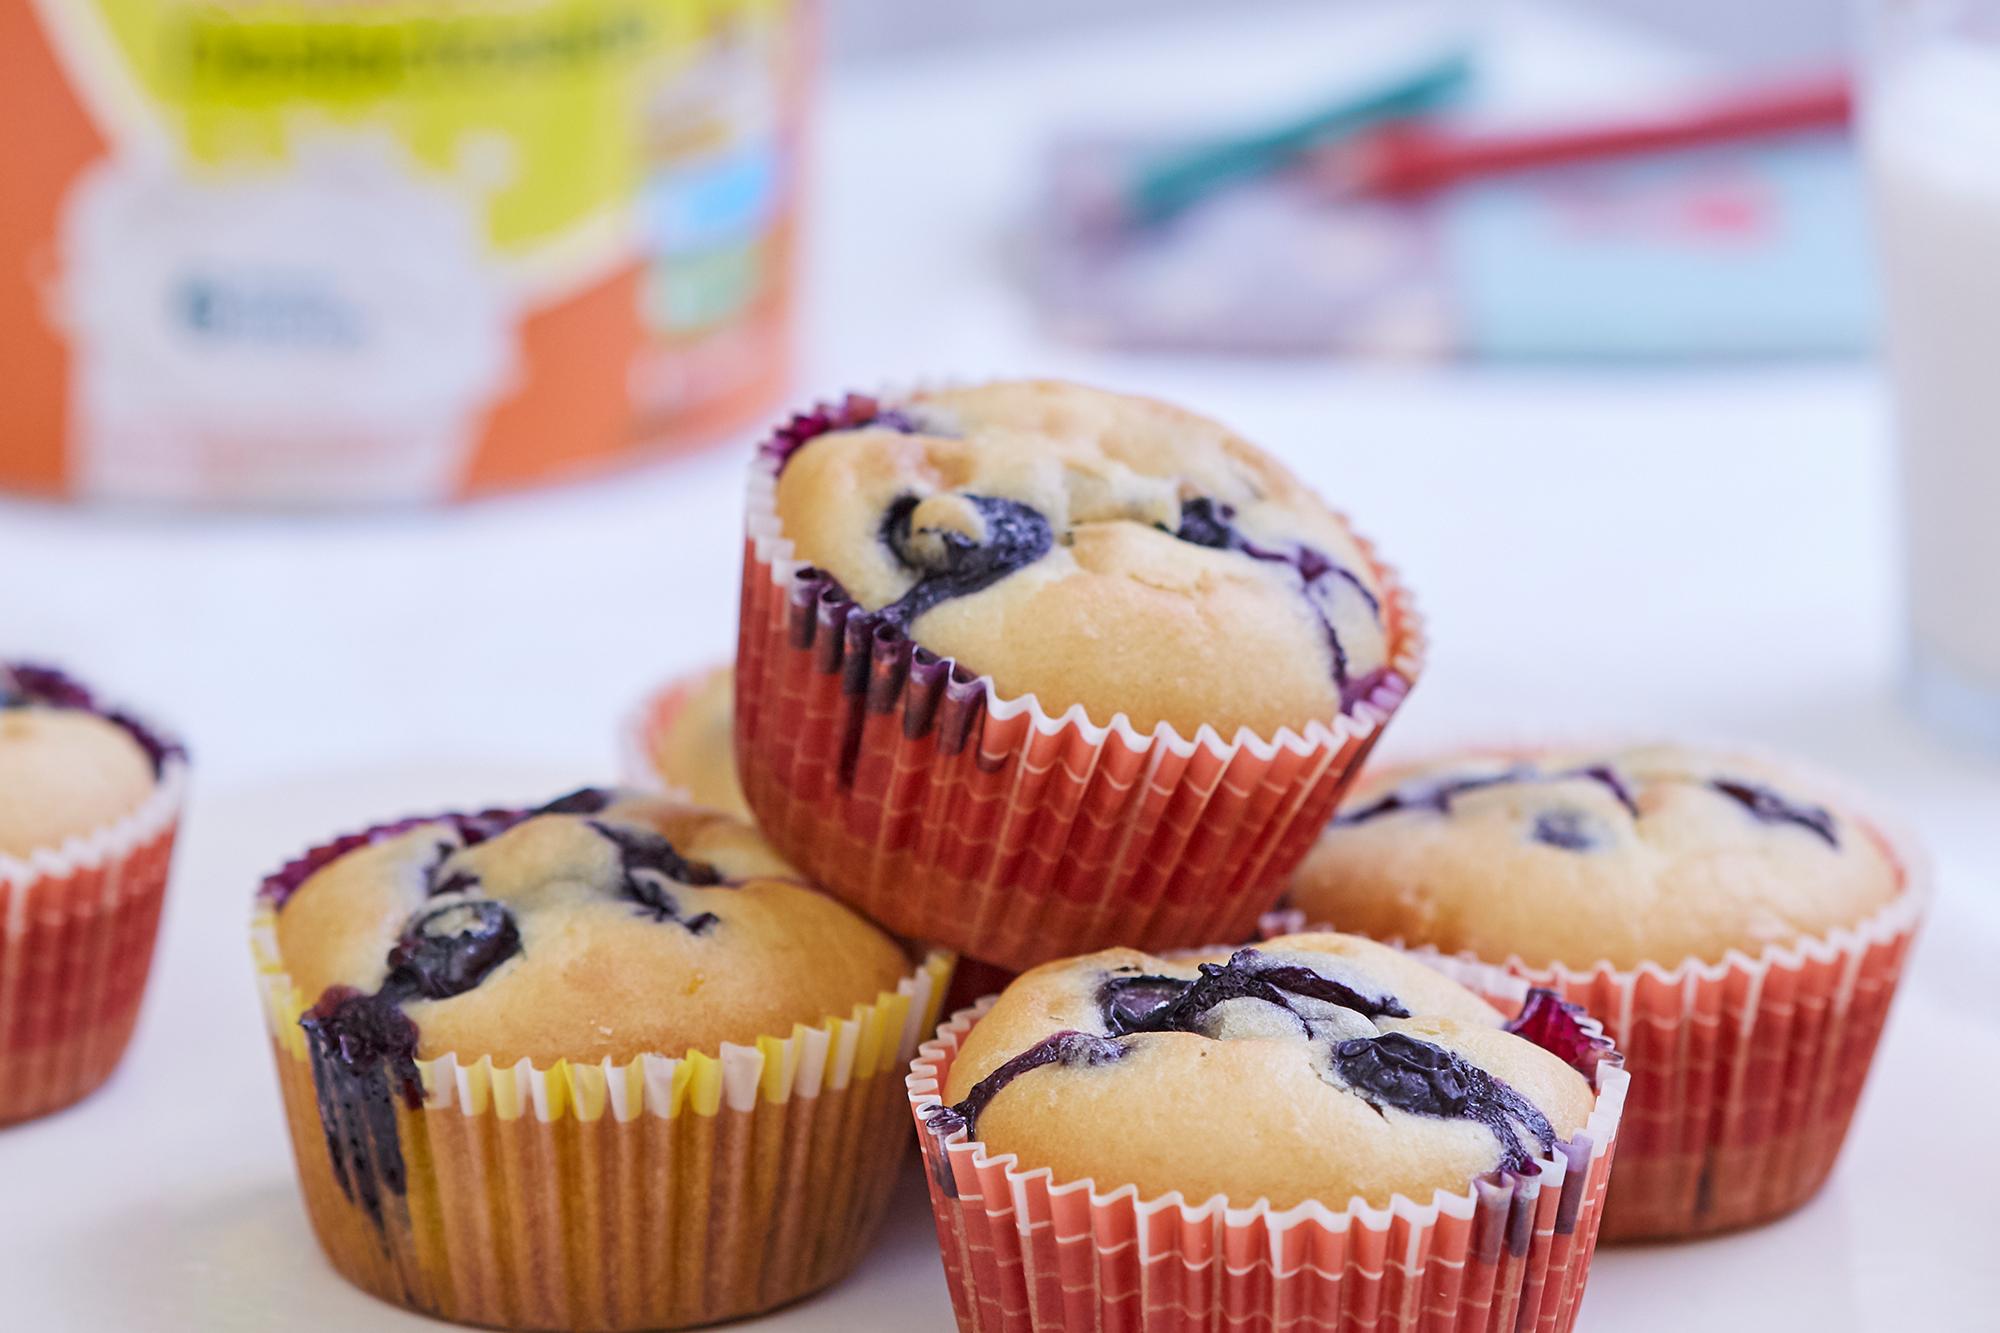 Muffins con arándanos sin lactosa